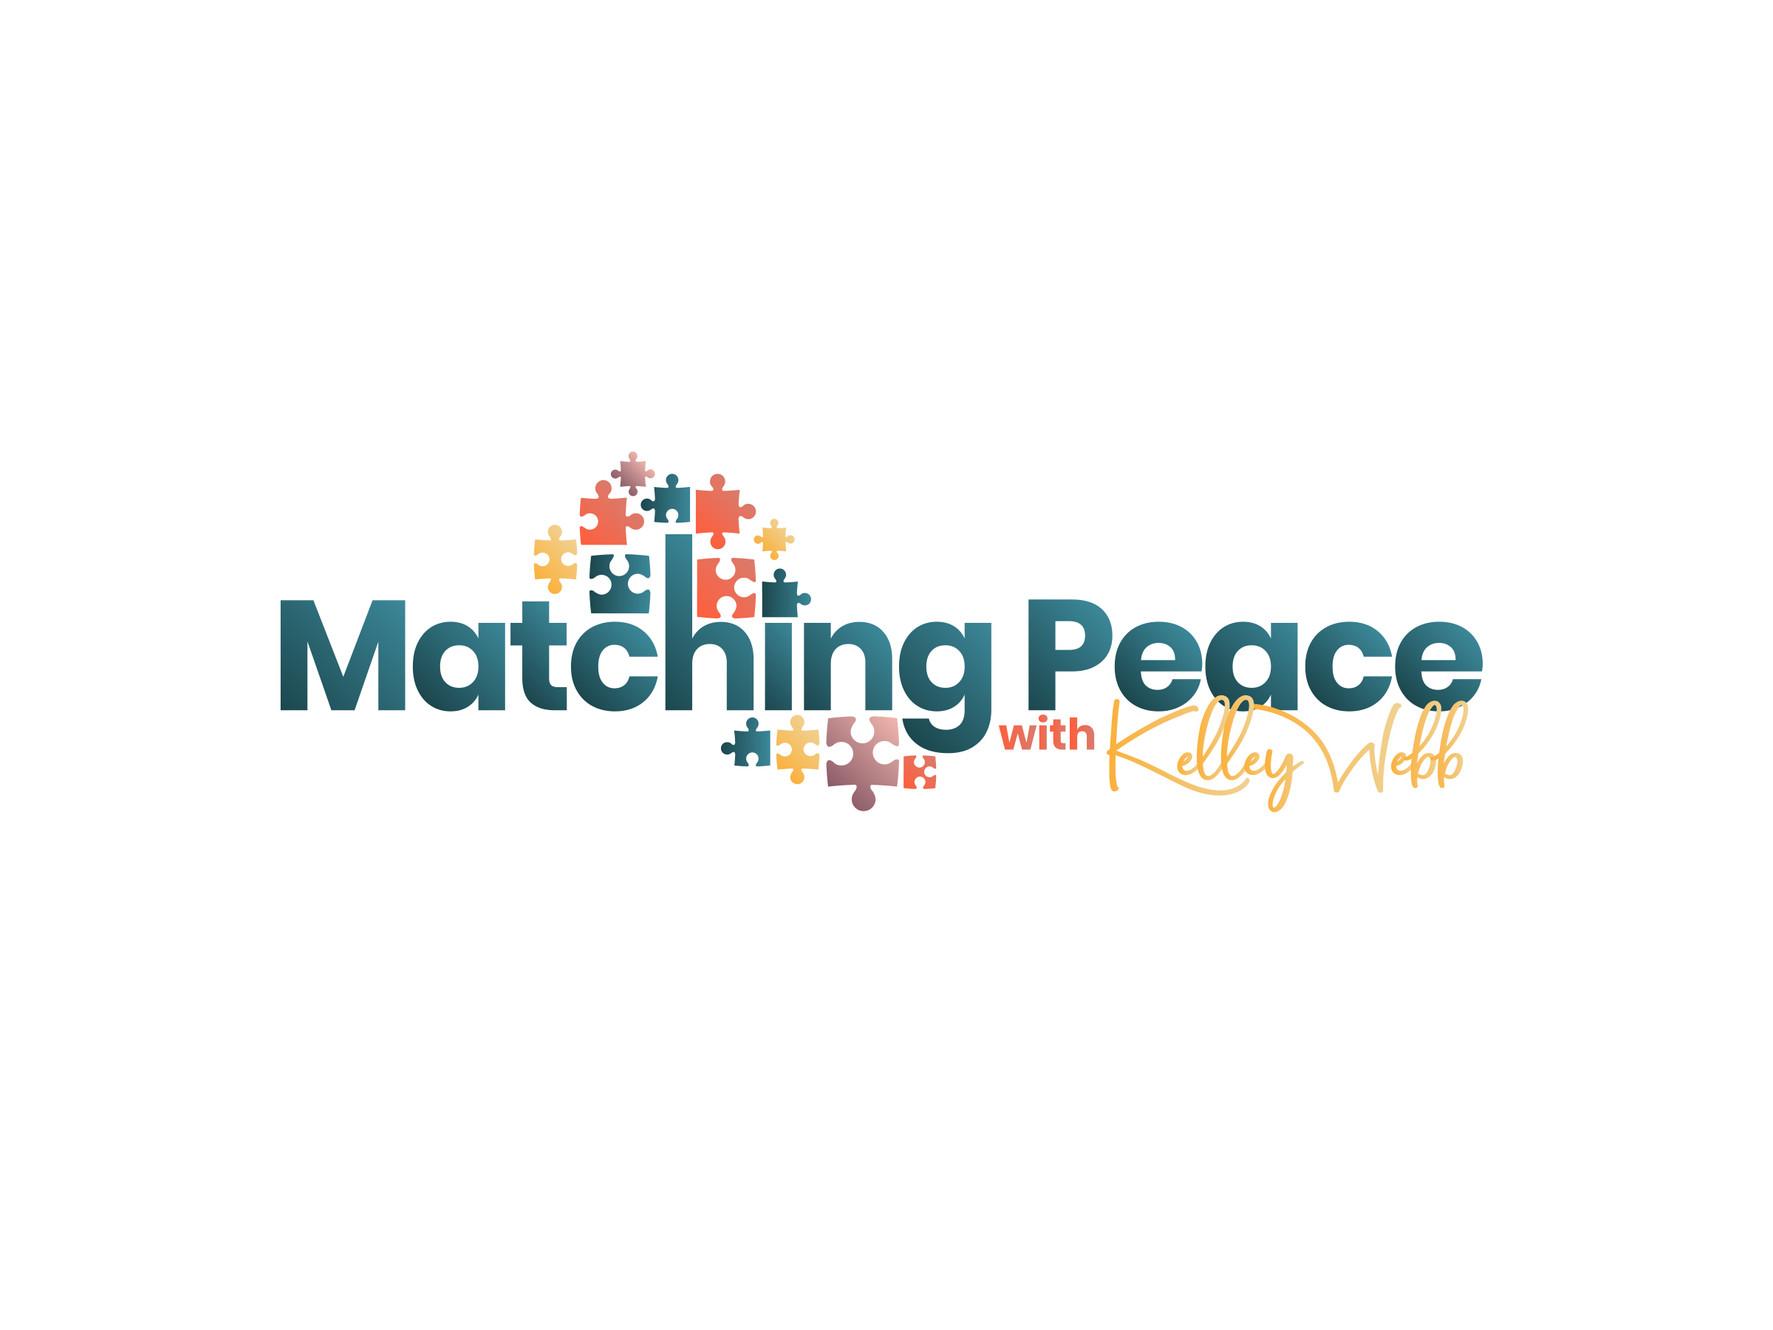 Matching peace